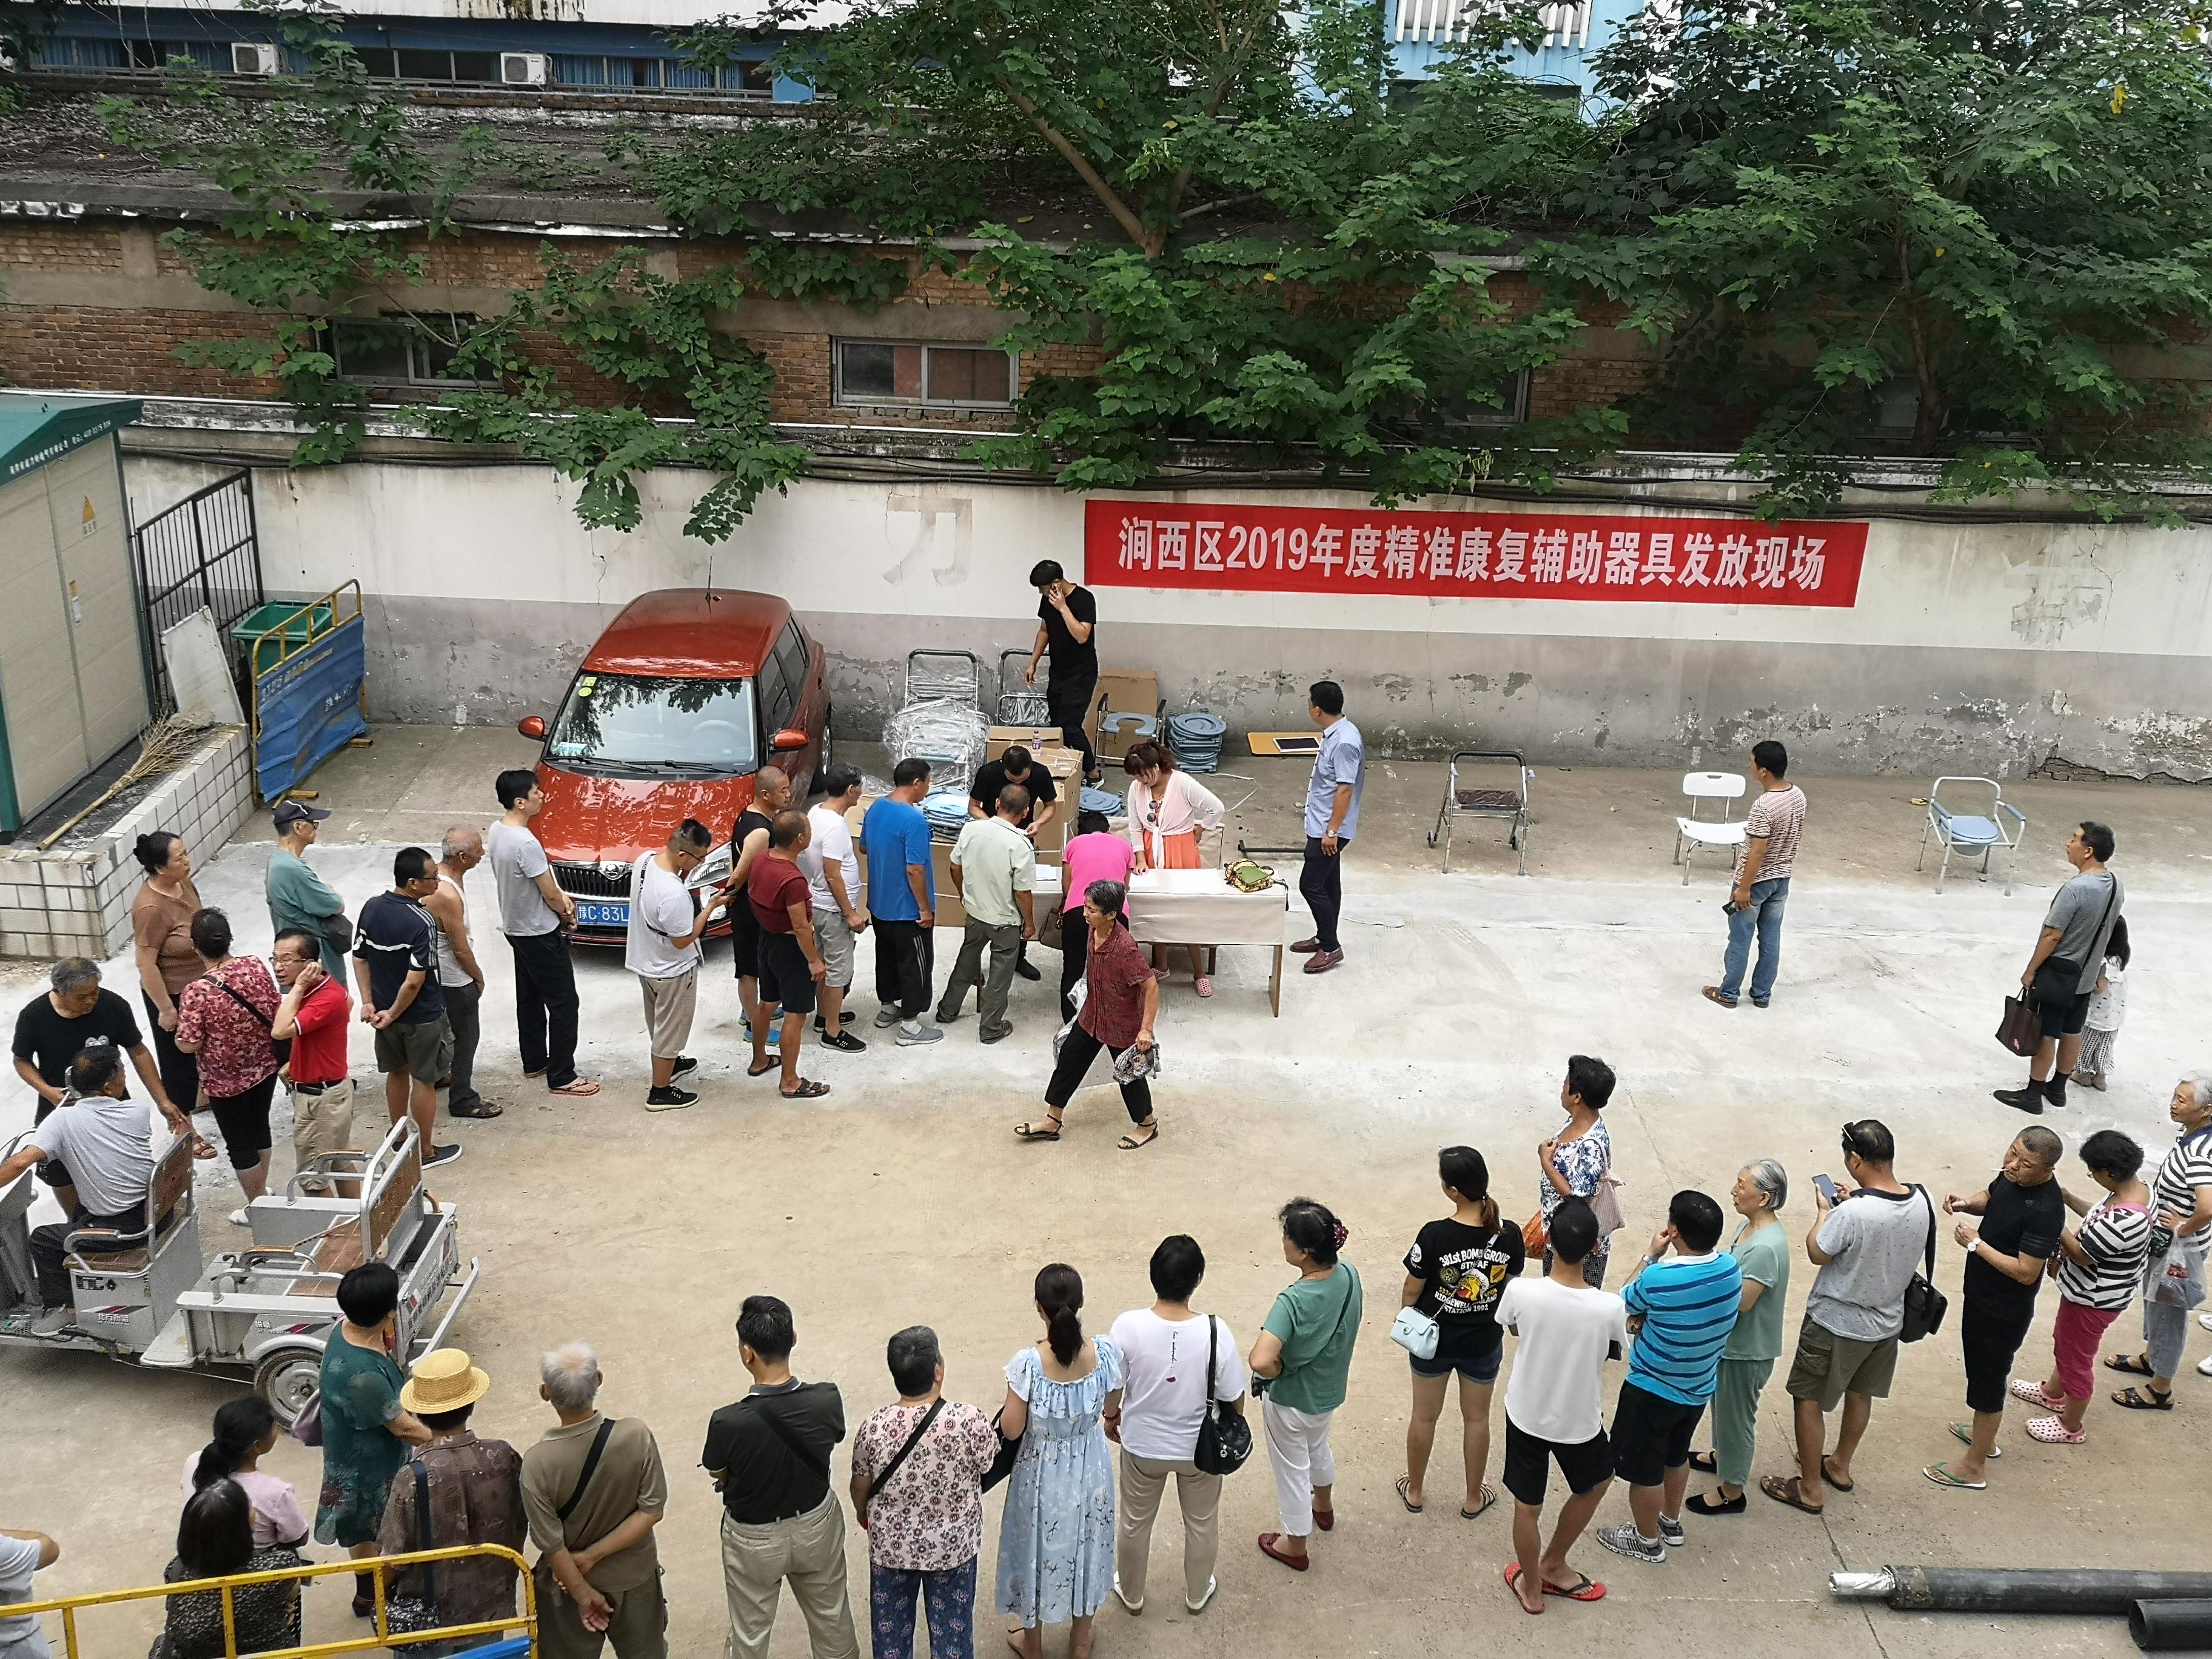 洛阳市涧西区残联 组织2019年残疾人精准康复辅助器具发放活动